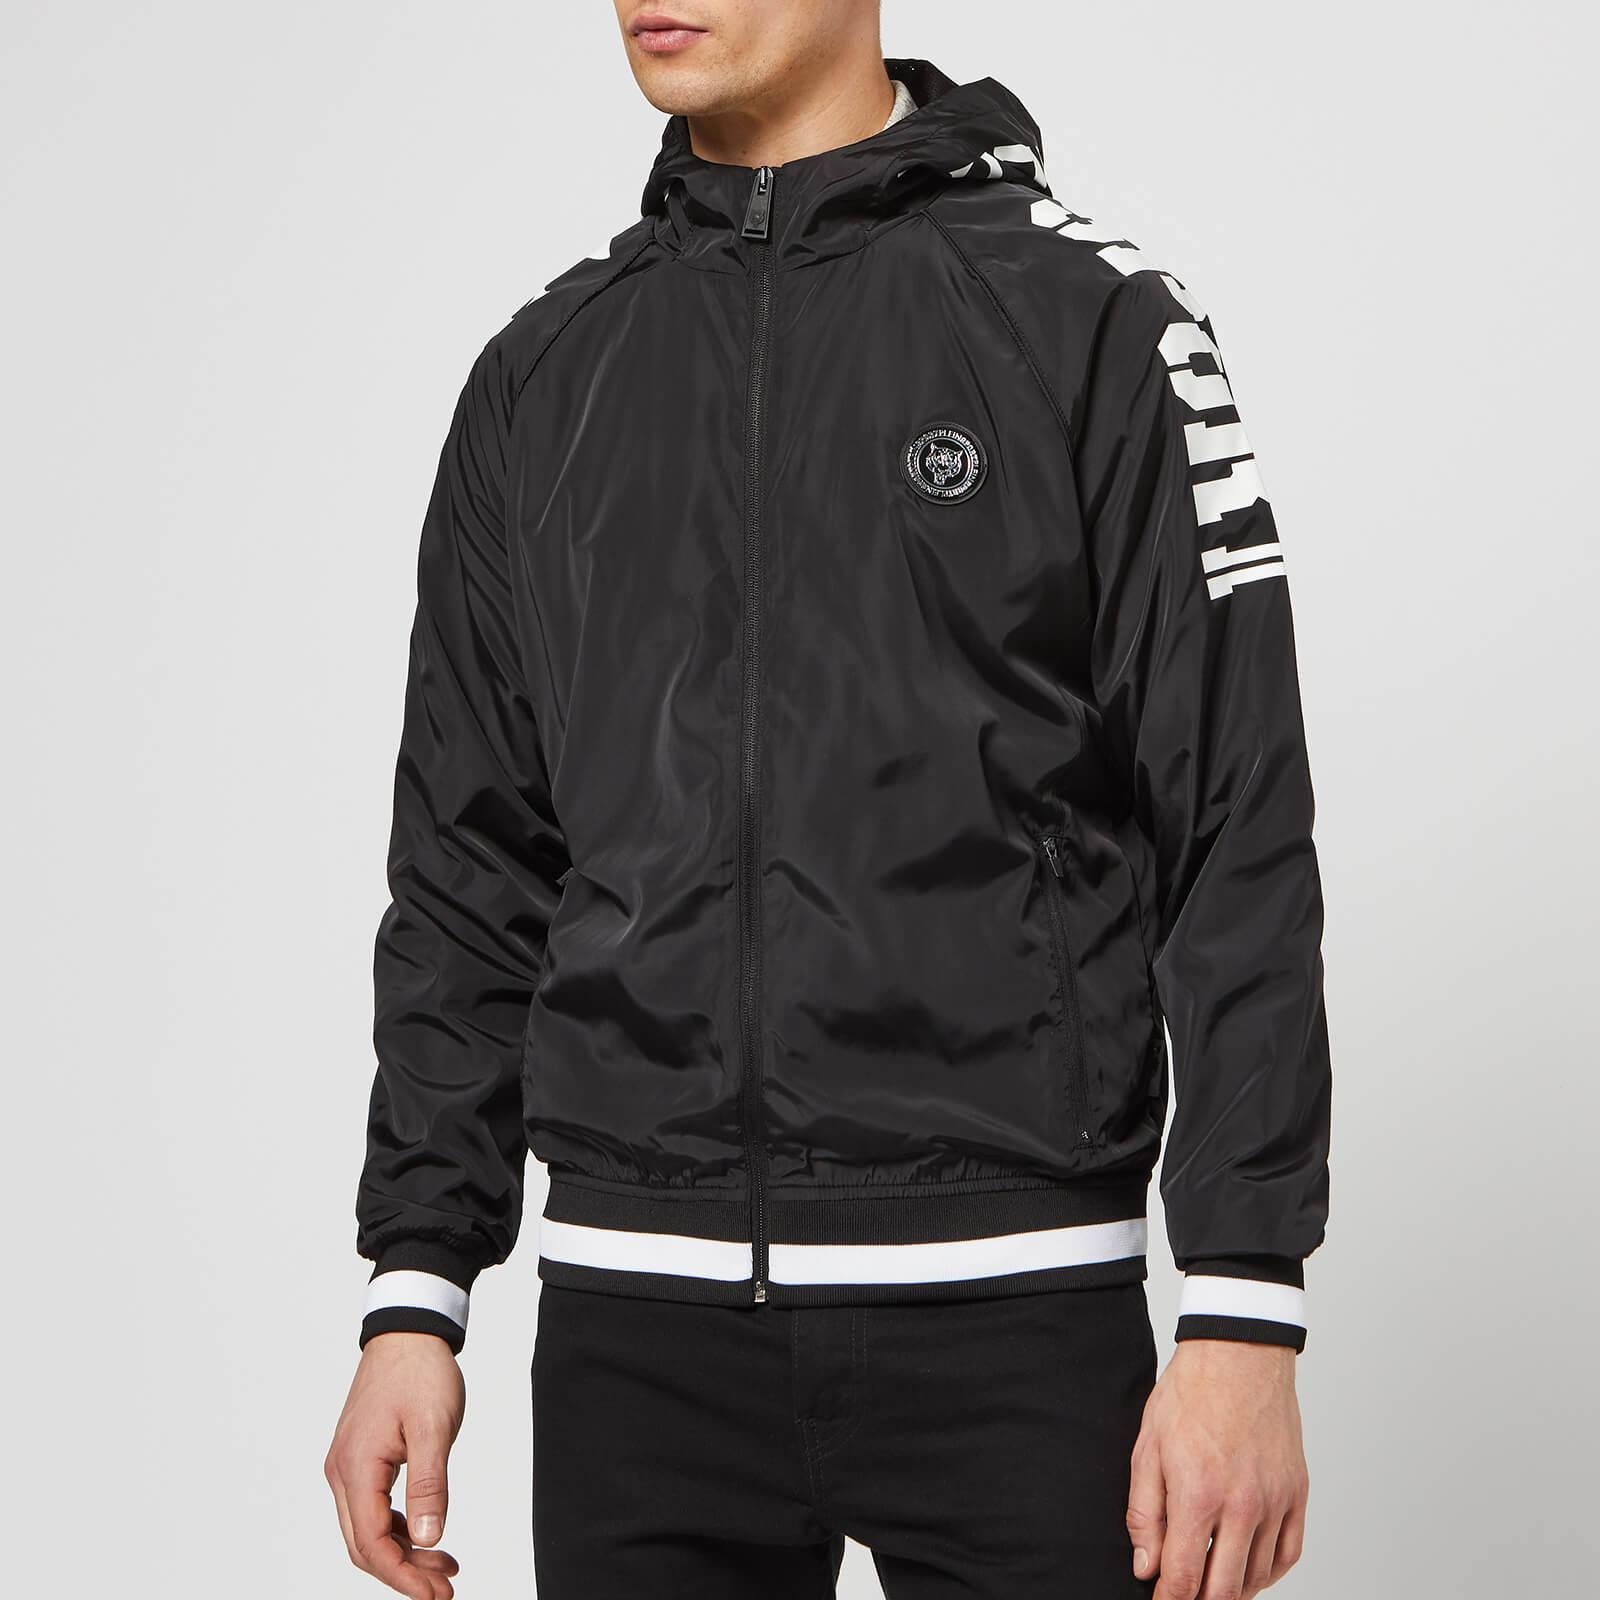 Plein Sport Men's Nylon Jacket Statement - Black/White - M - Black/White